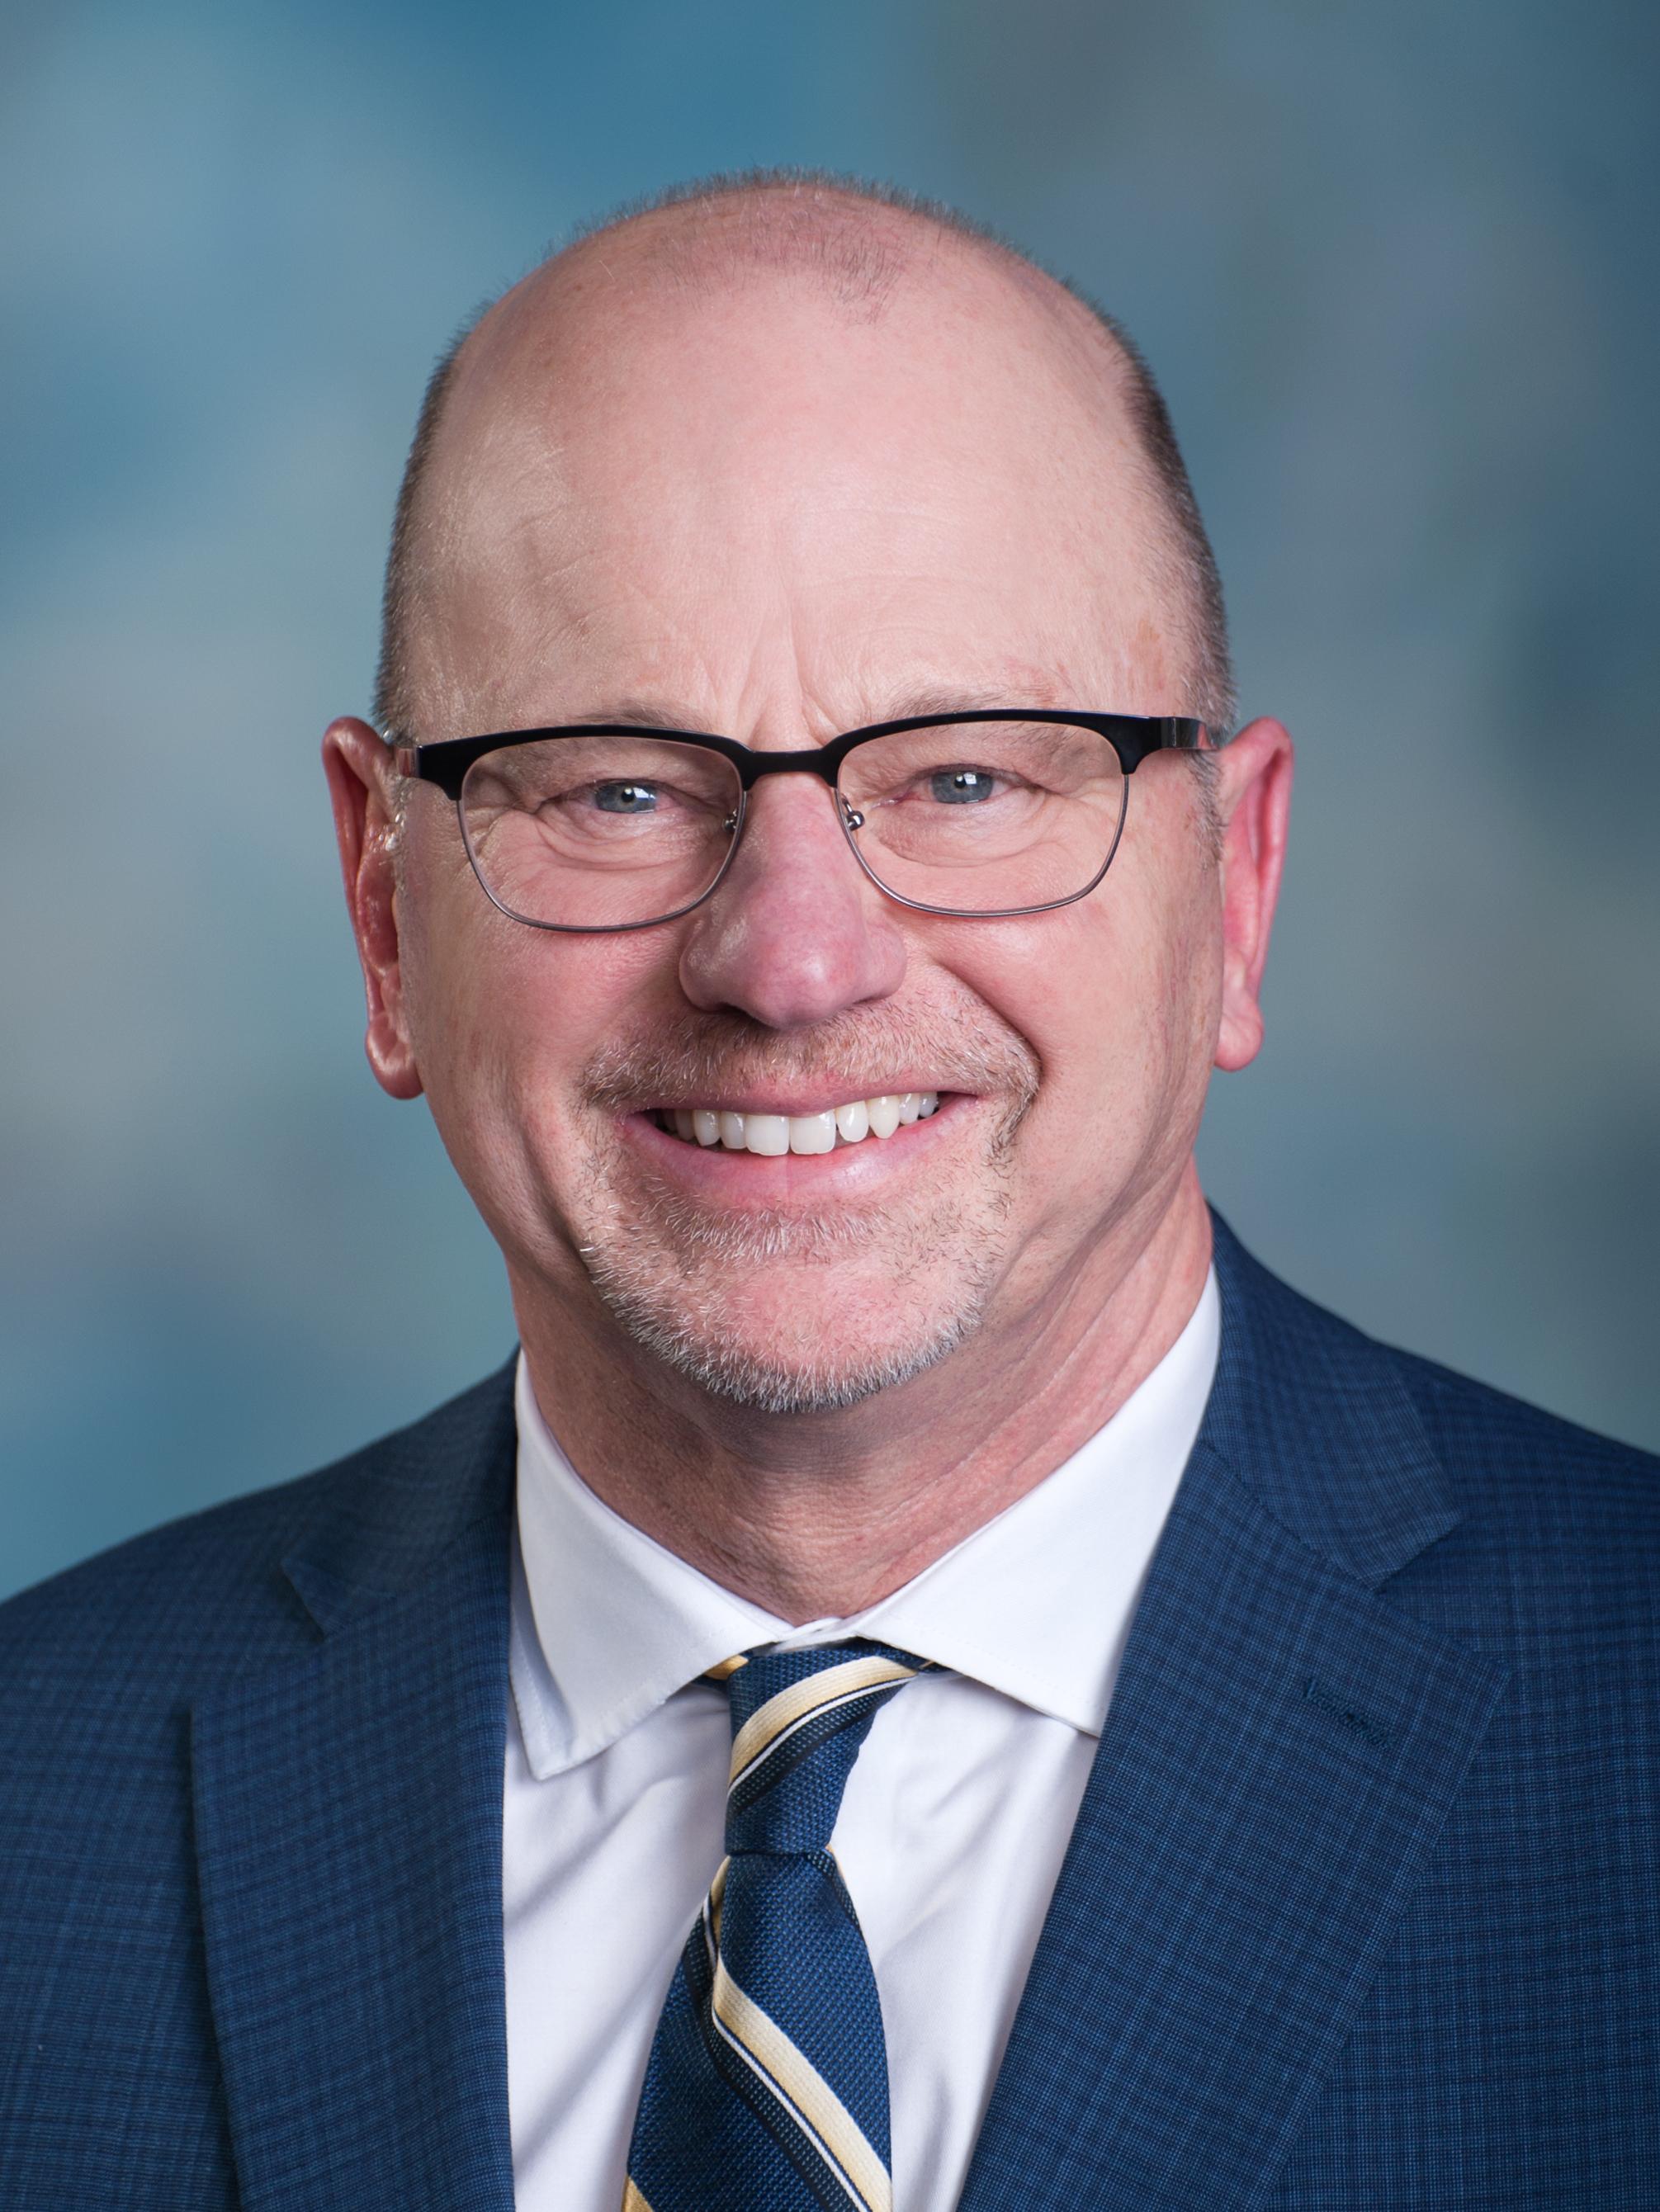 Board Member Tim Mihalick